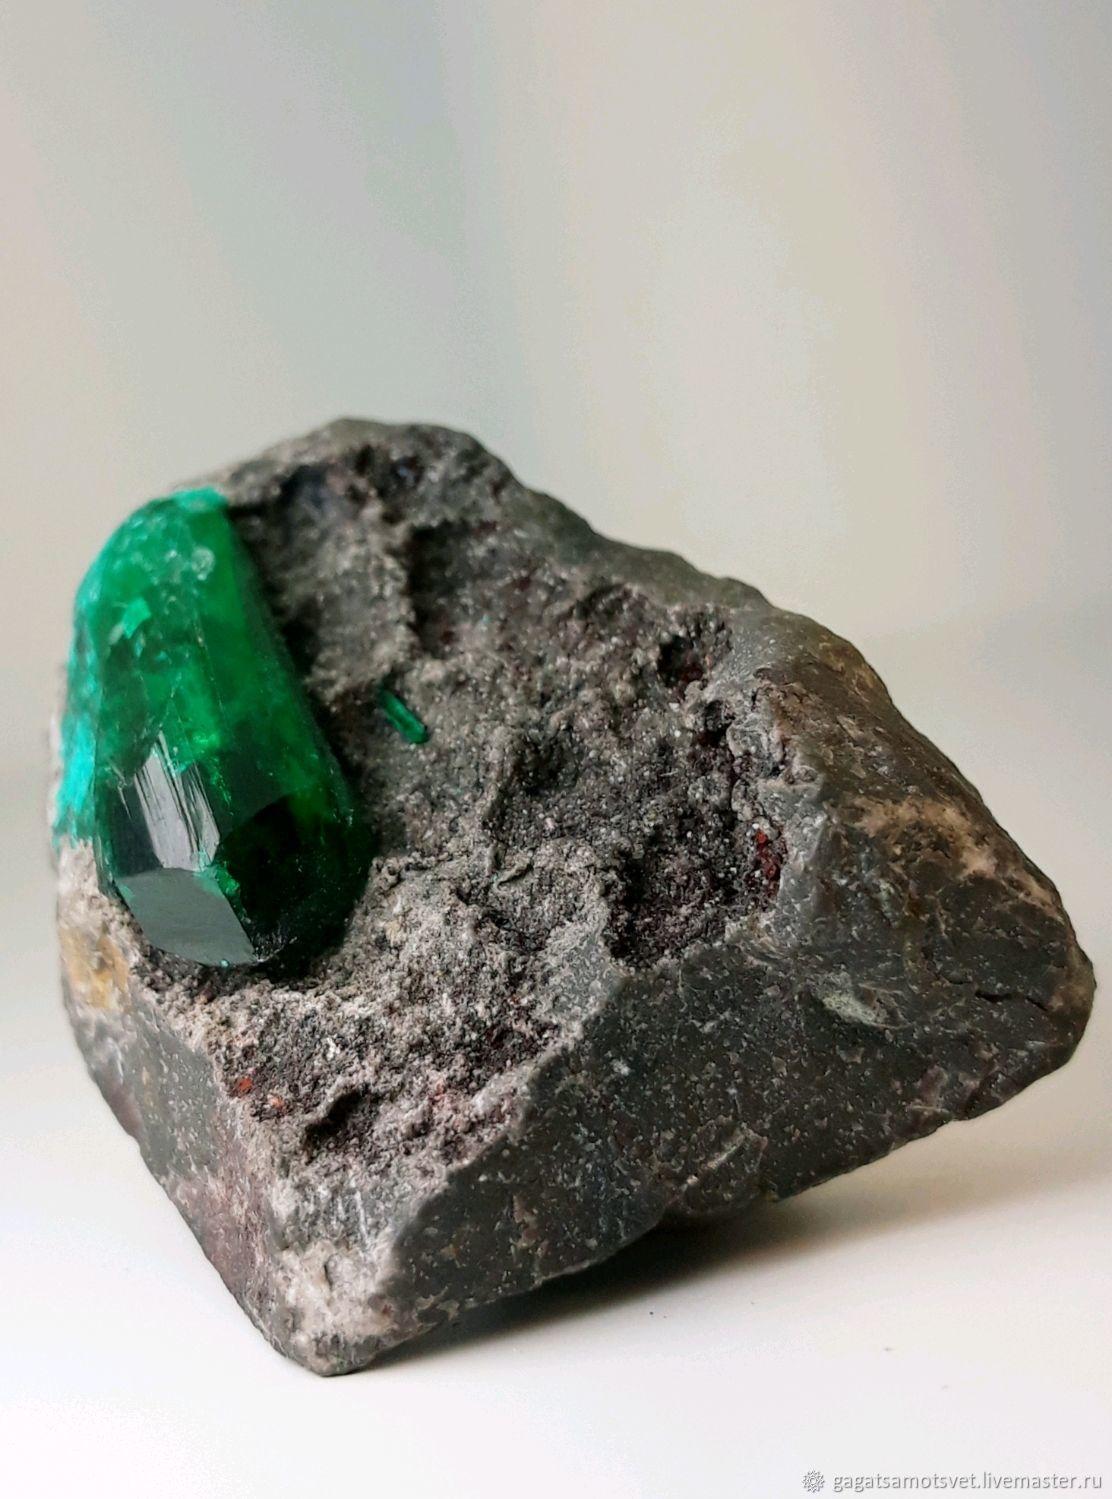 Диоптаз ( кристаллы) Tantara Mine, Haut-Katanga.Конго, Минералы, Санкт-Петербург,  Фото №1